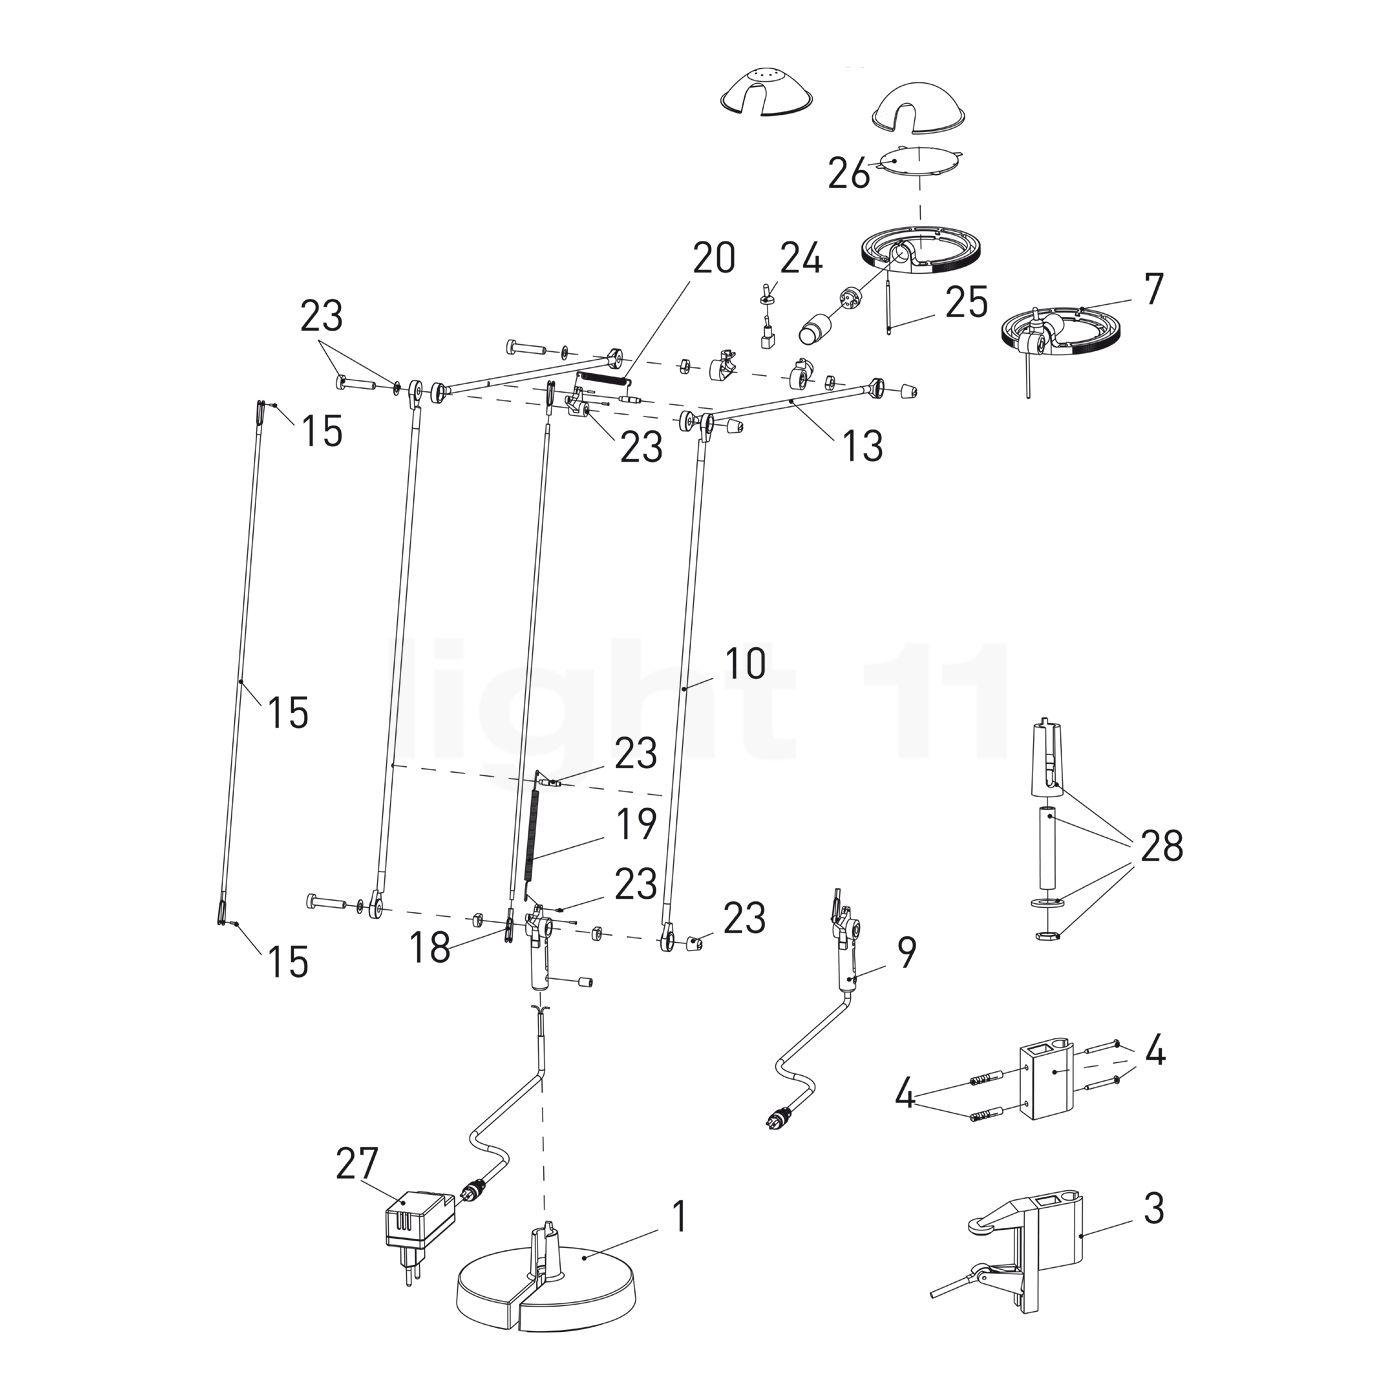 Luceplan Ersatzteile Berenice Tavolo Aluminium Light11 De